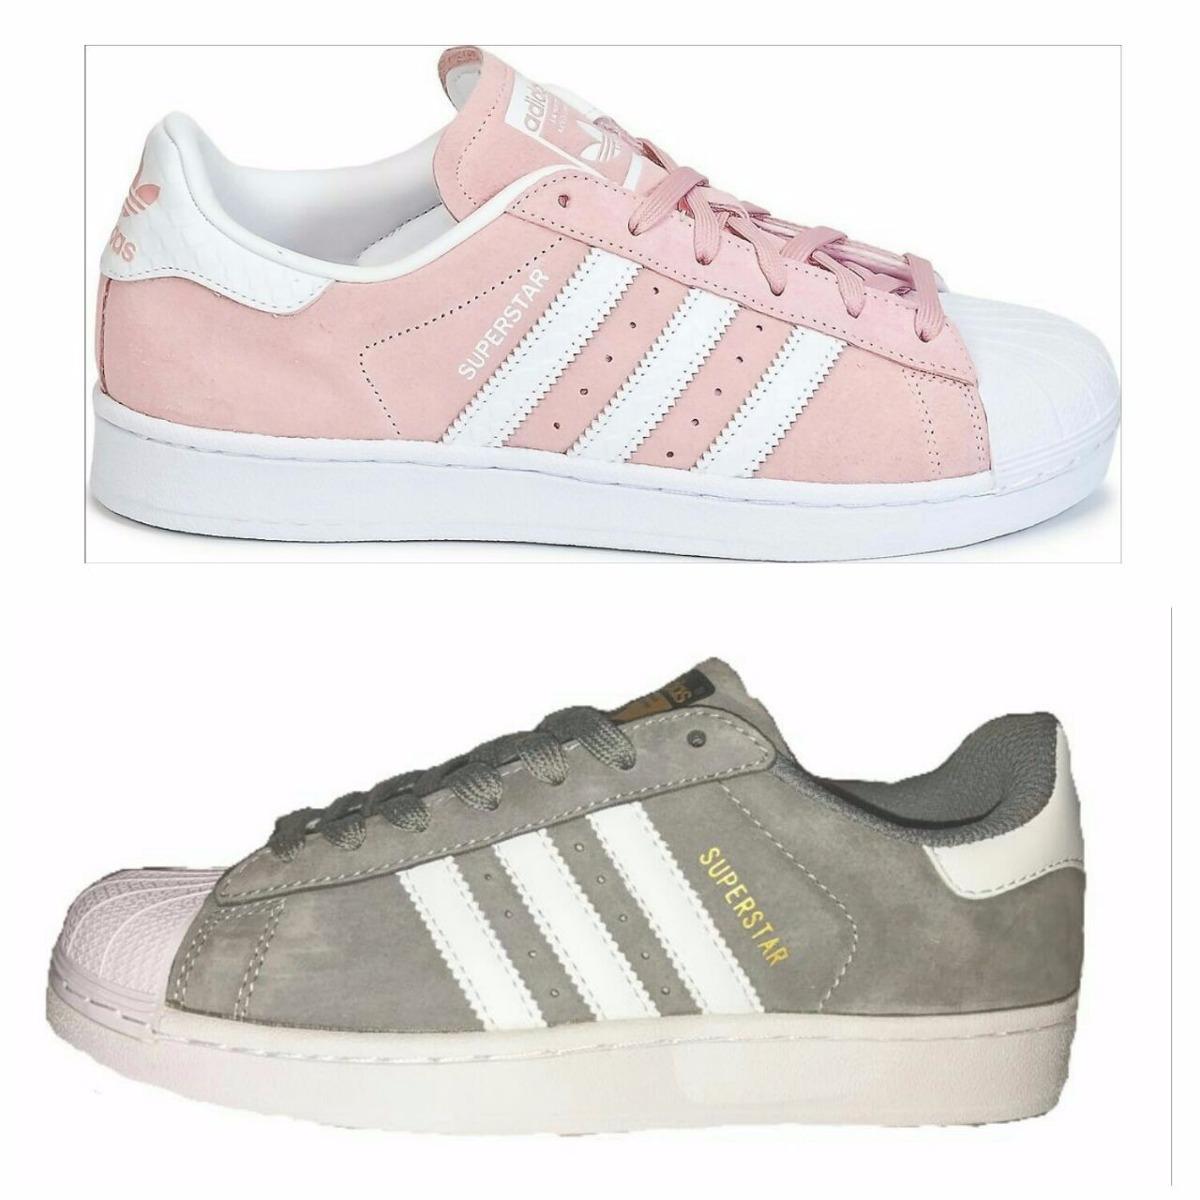 Adidas Superstar Rosas Precio